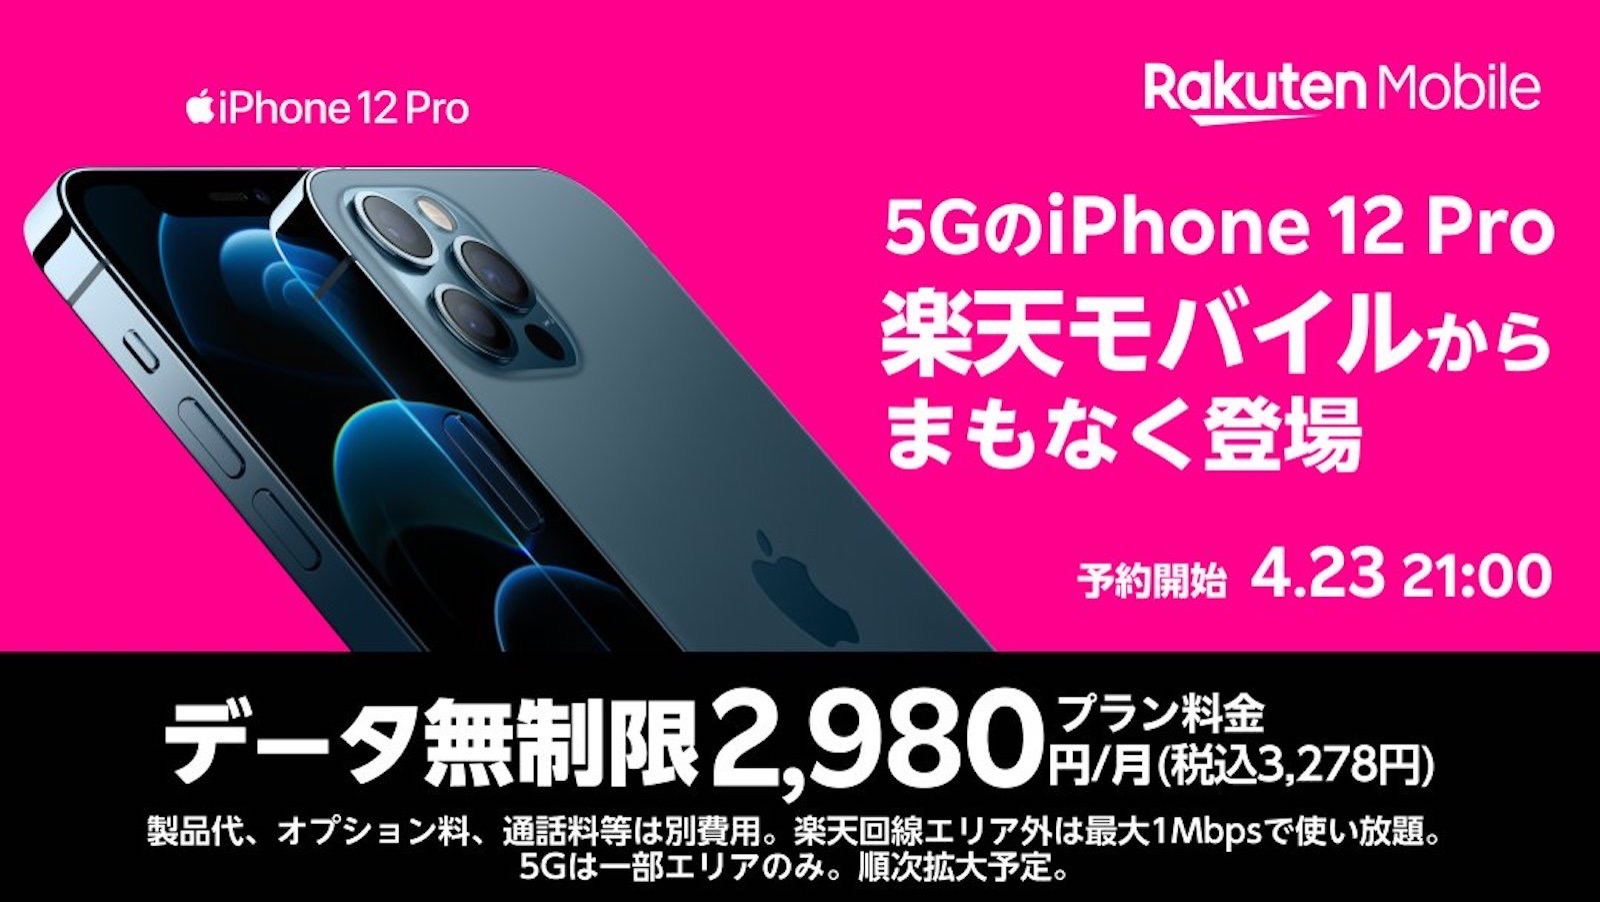 Rakuten mobile iphone12 1